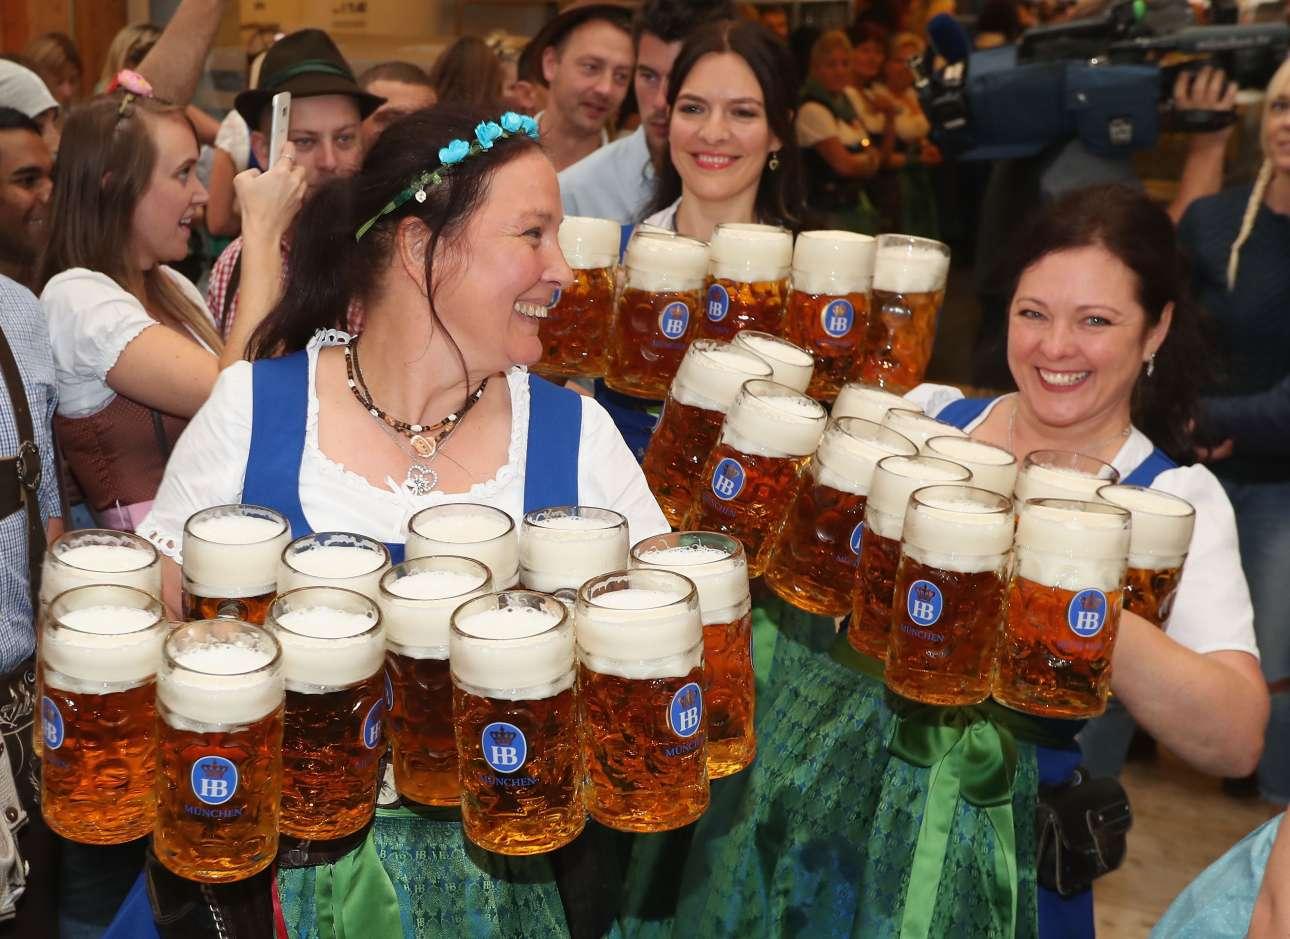 Σερβιτόρες σε ρόλο ακροβάτη, κουβαλώντας δώδεκα ποτήρια του ενός λίτρου μπίρα η καθεμία